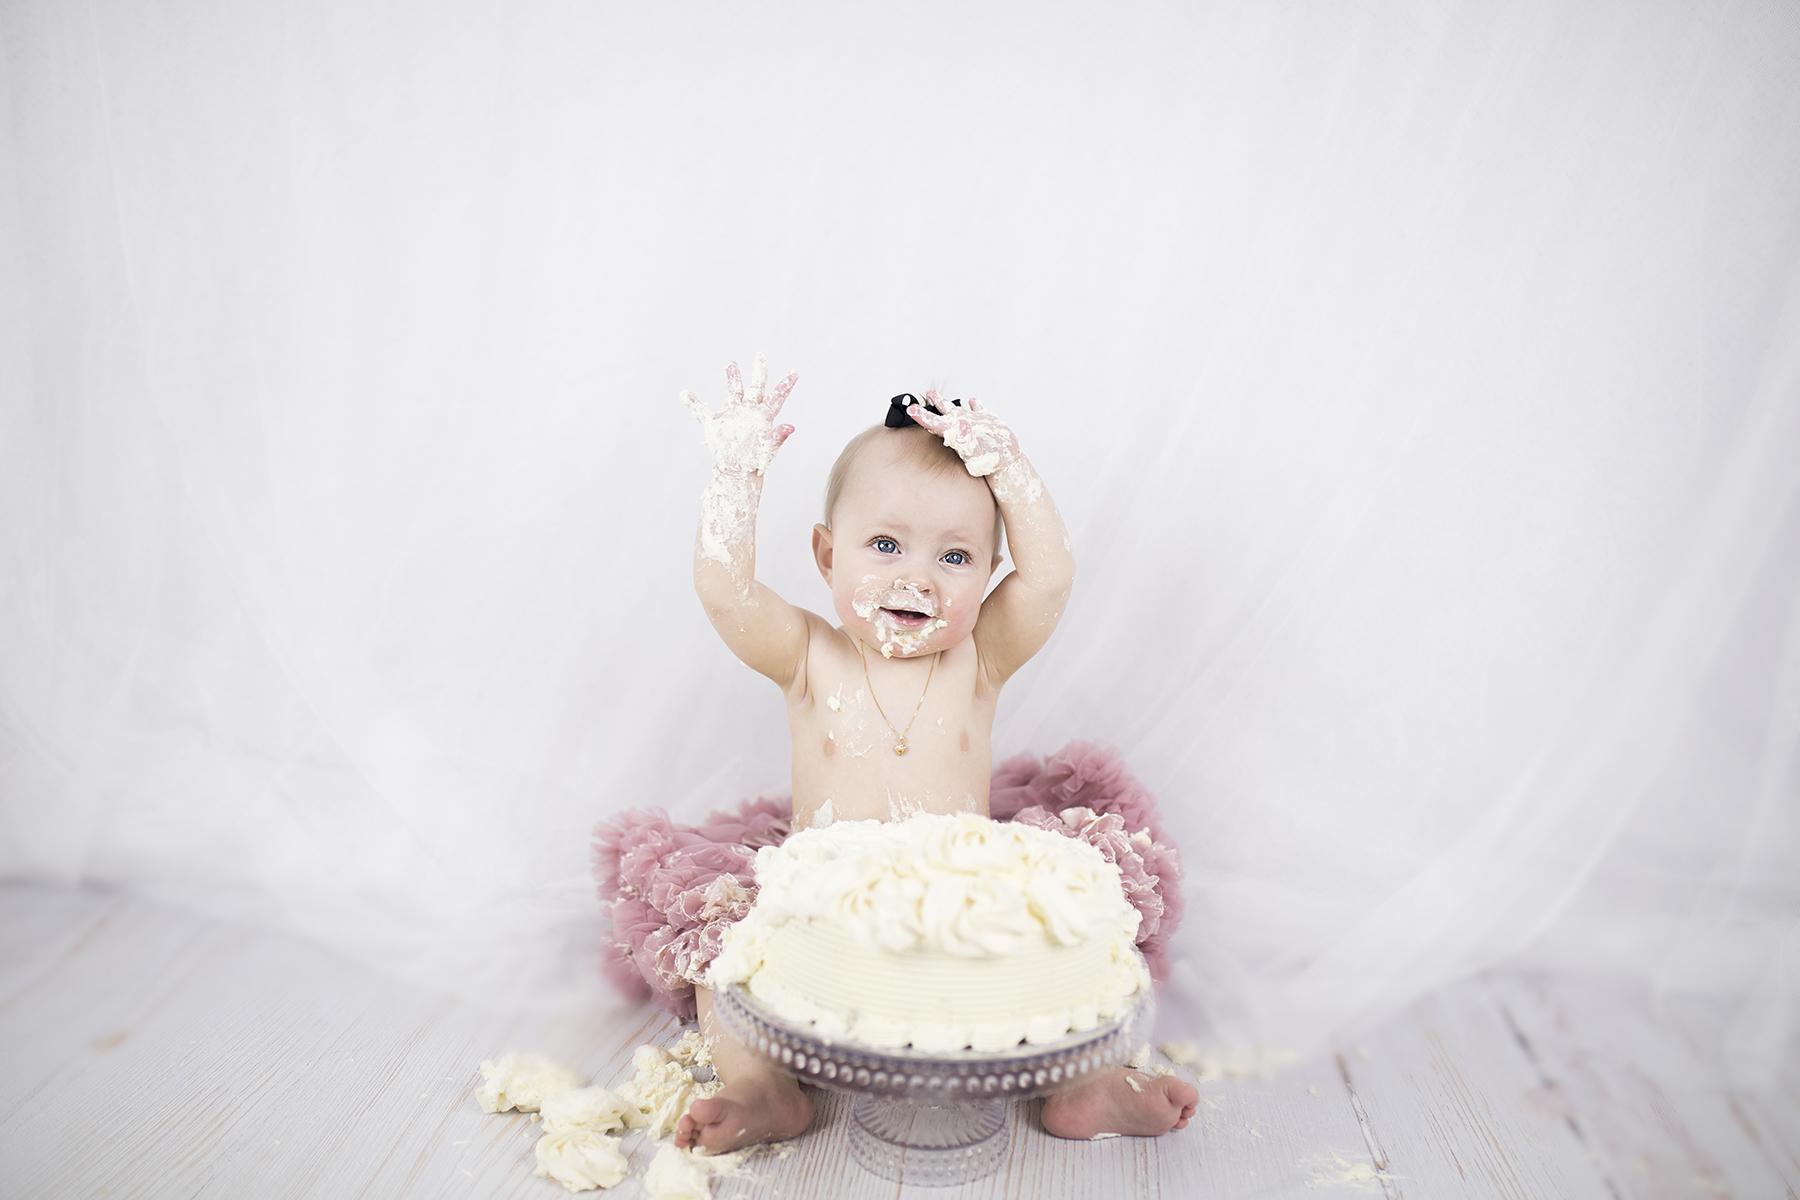 Smash_the_cake_fotografering_1-års fotografering_barnfotografering_göteborg_öcerkö_hönö_västsverige_västkusten_premina_photography_fotograf_emma_ludvigsson9A6946